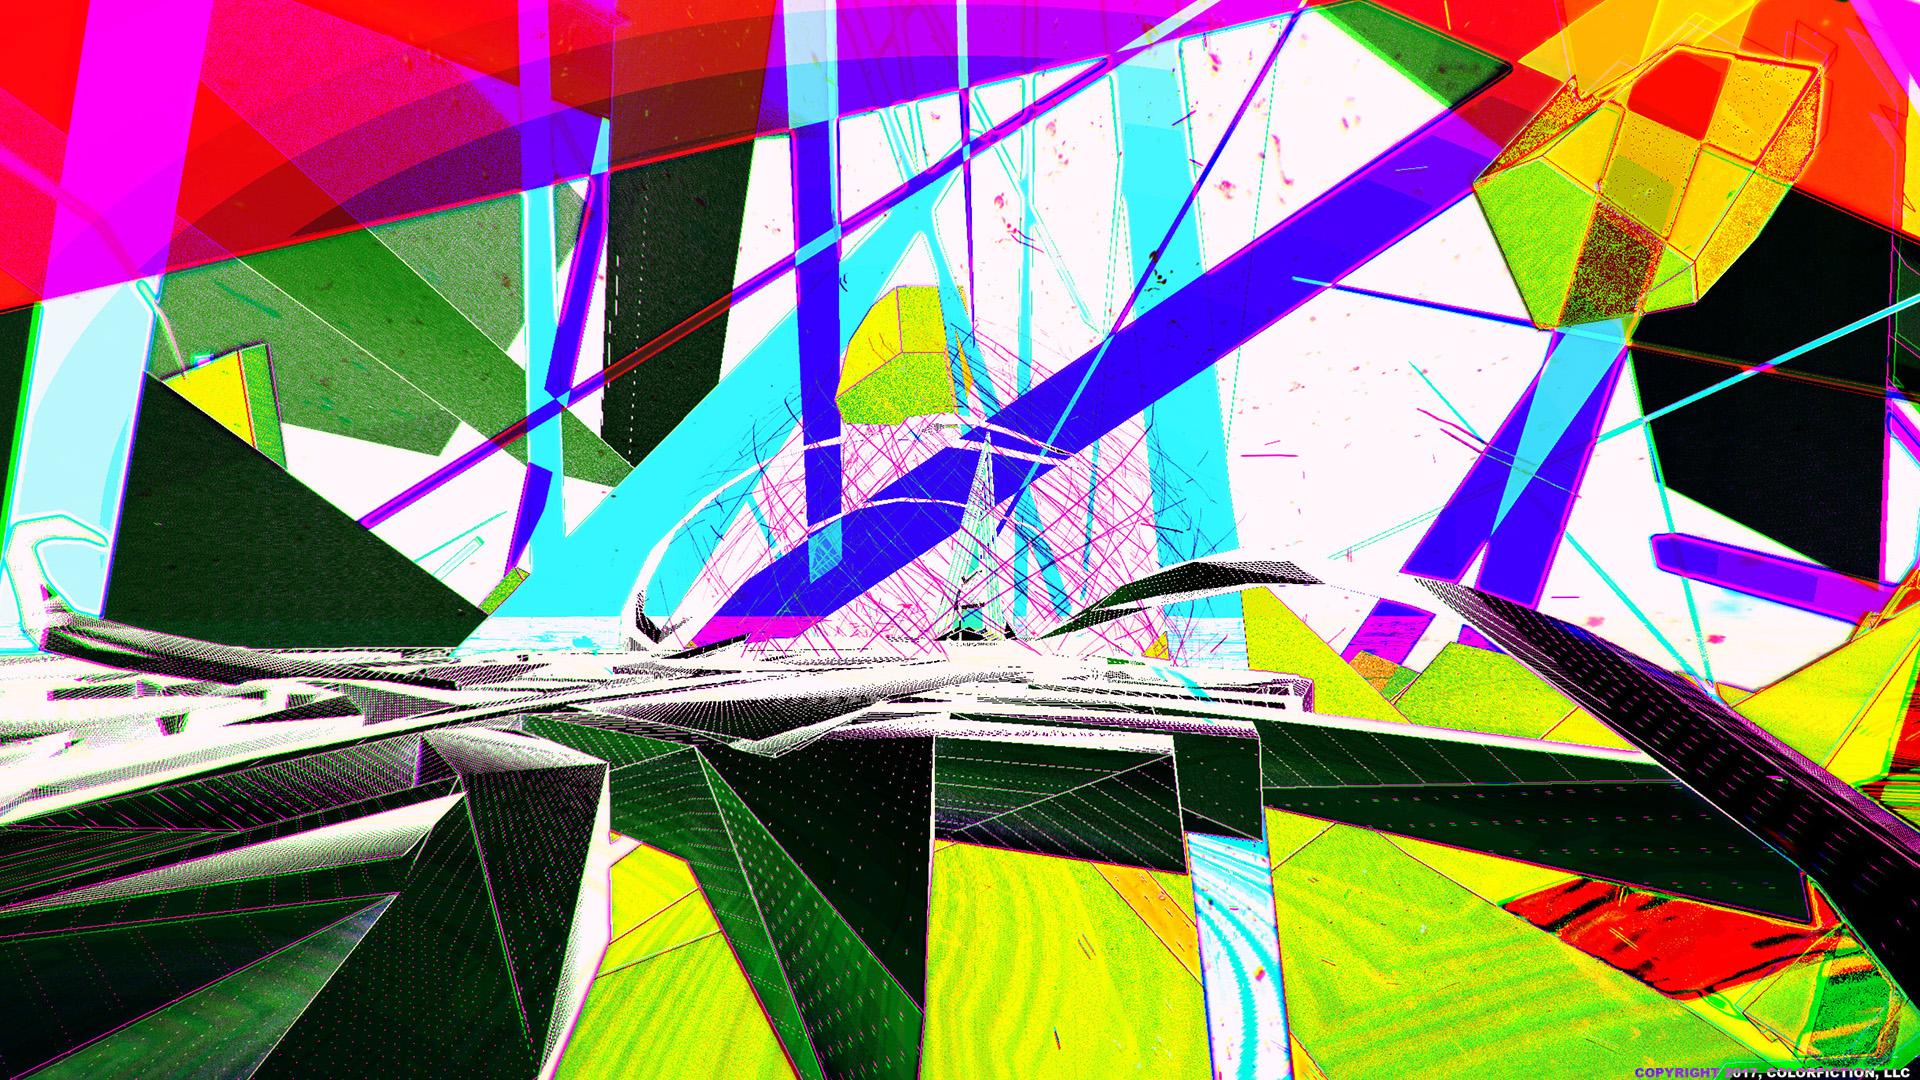 0-¦N 0-¦W - Zero North Zero West - Screenshot 6.jpg